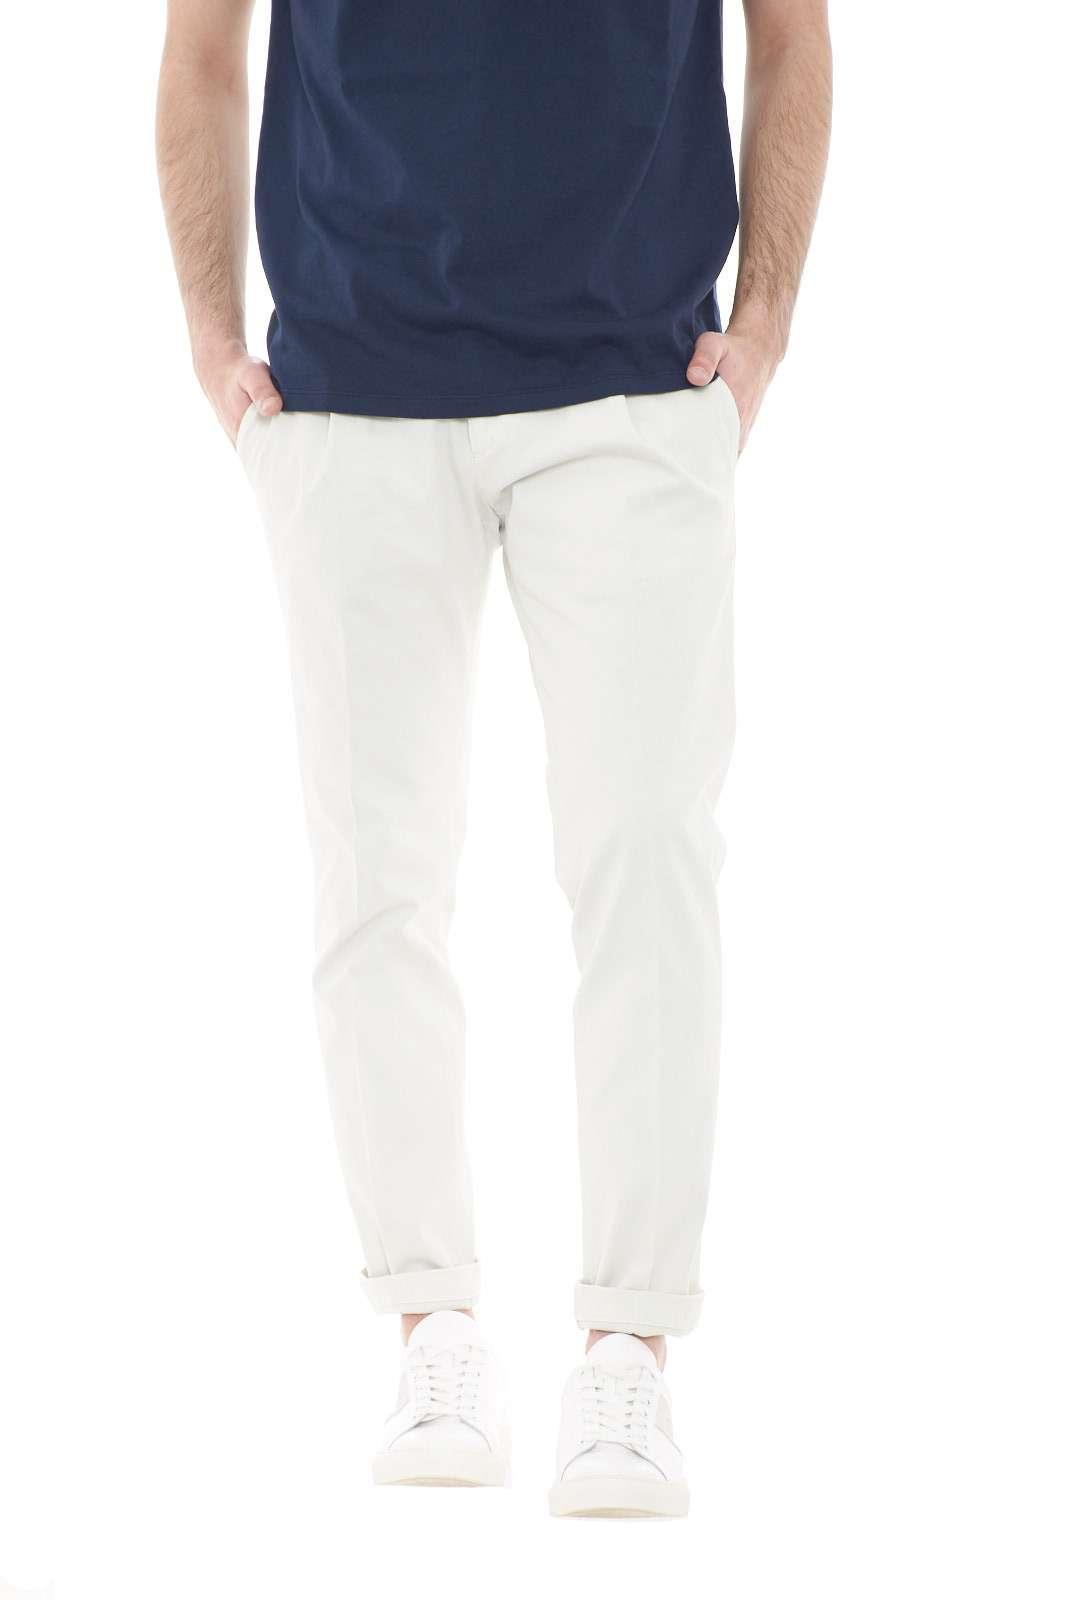 Scopri i nuovi pantaloni capri proposti dalla collezione donna Michael Coal. L'iconico tessuto in gabardina è perfetto per ogni look, tanto da rendere irresistibili anche gli outfit più street. Dalla camicia alla polo, scopri il look che più ti si addice.